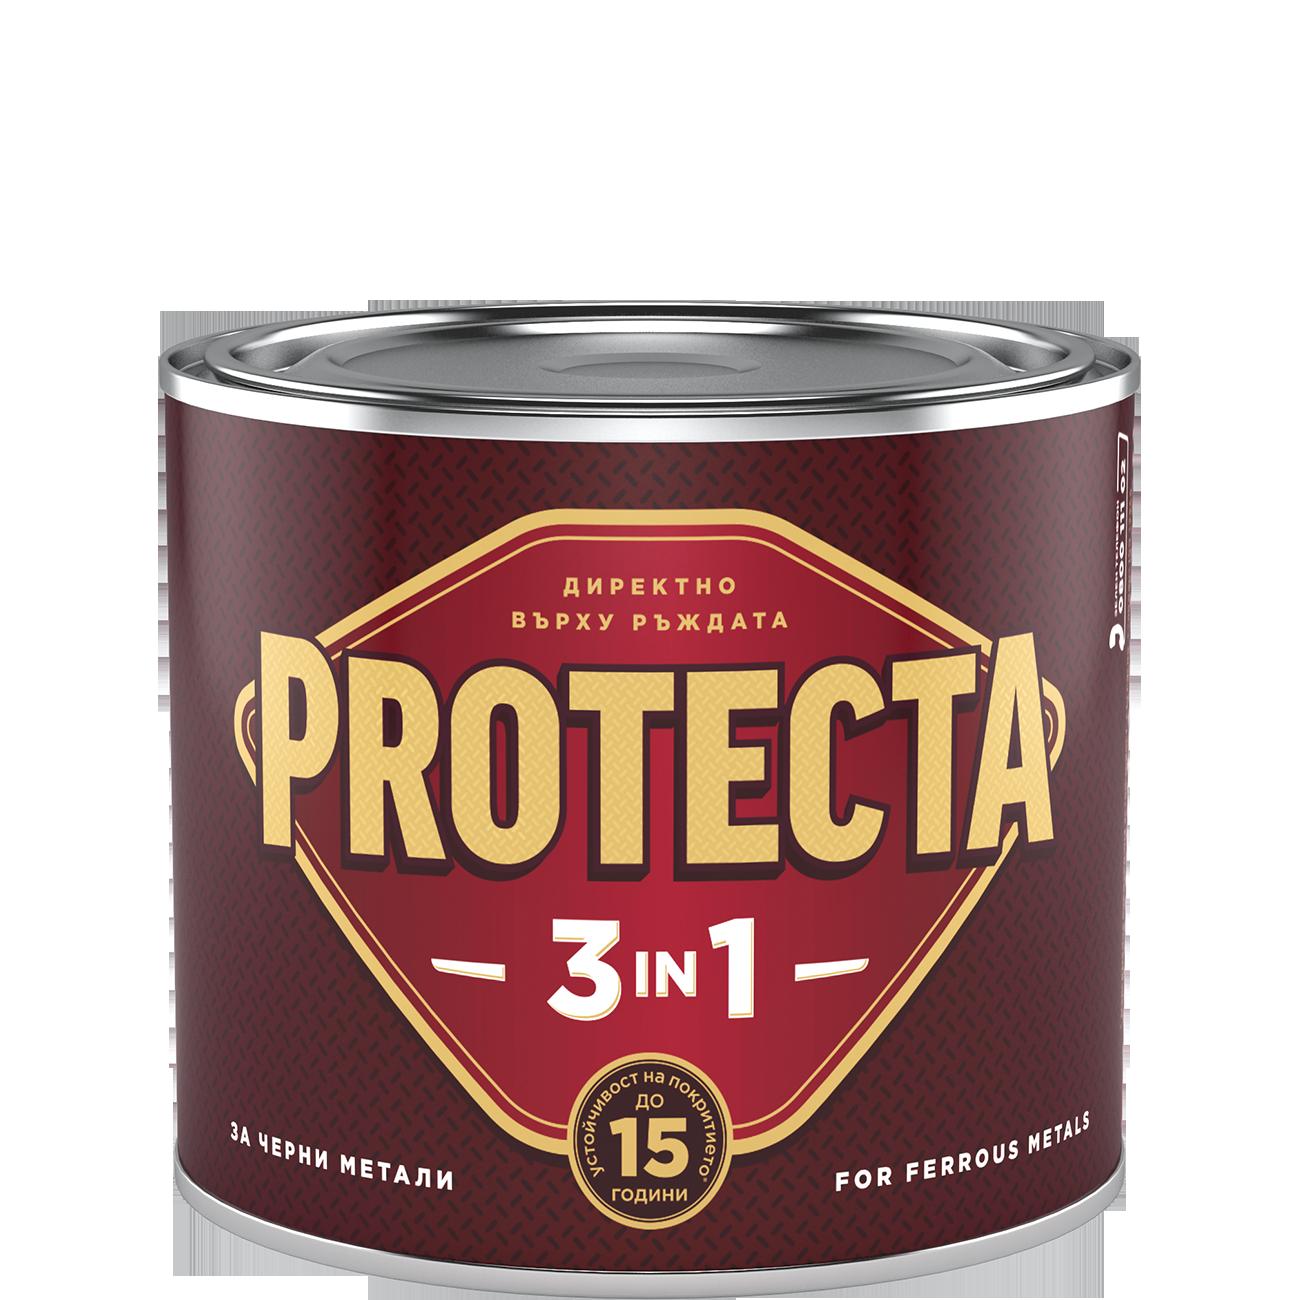 Protecta 3в1 мат черна 500мл 133372